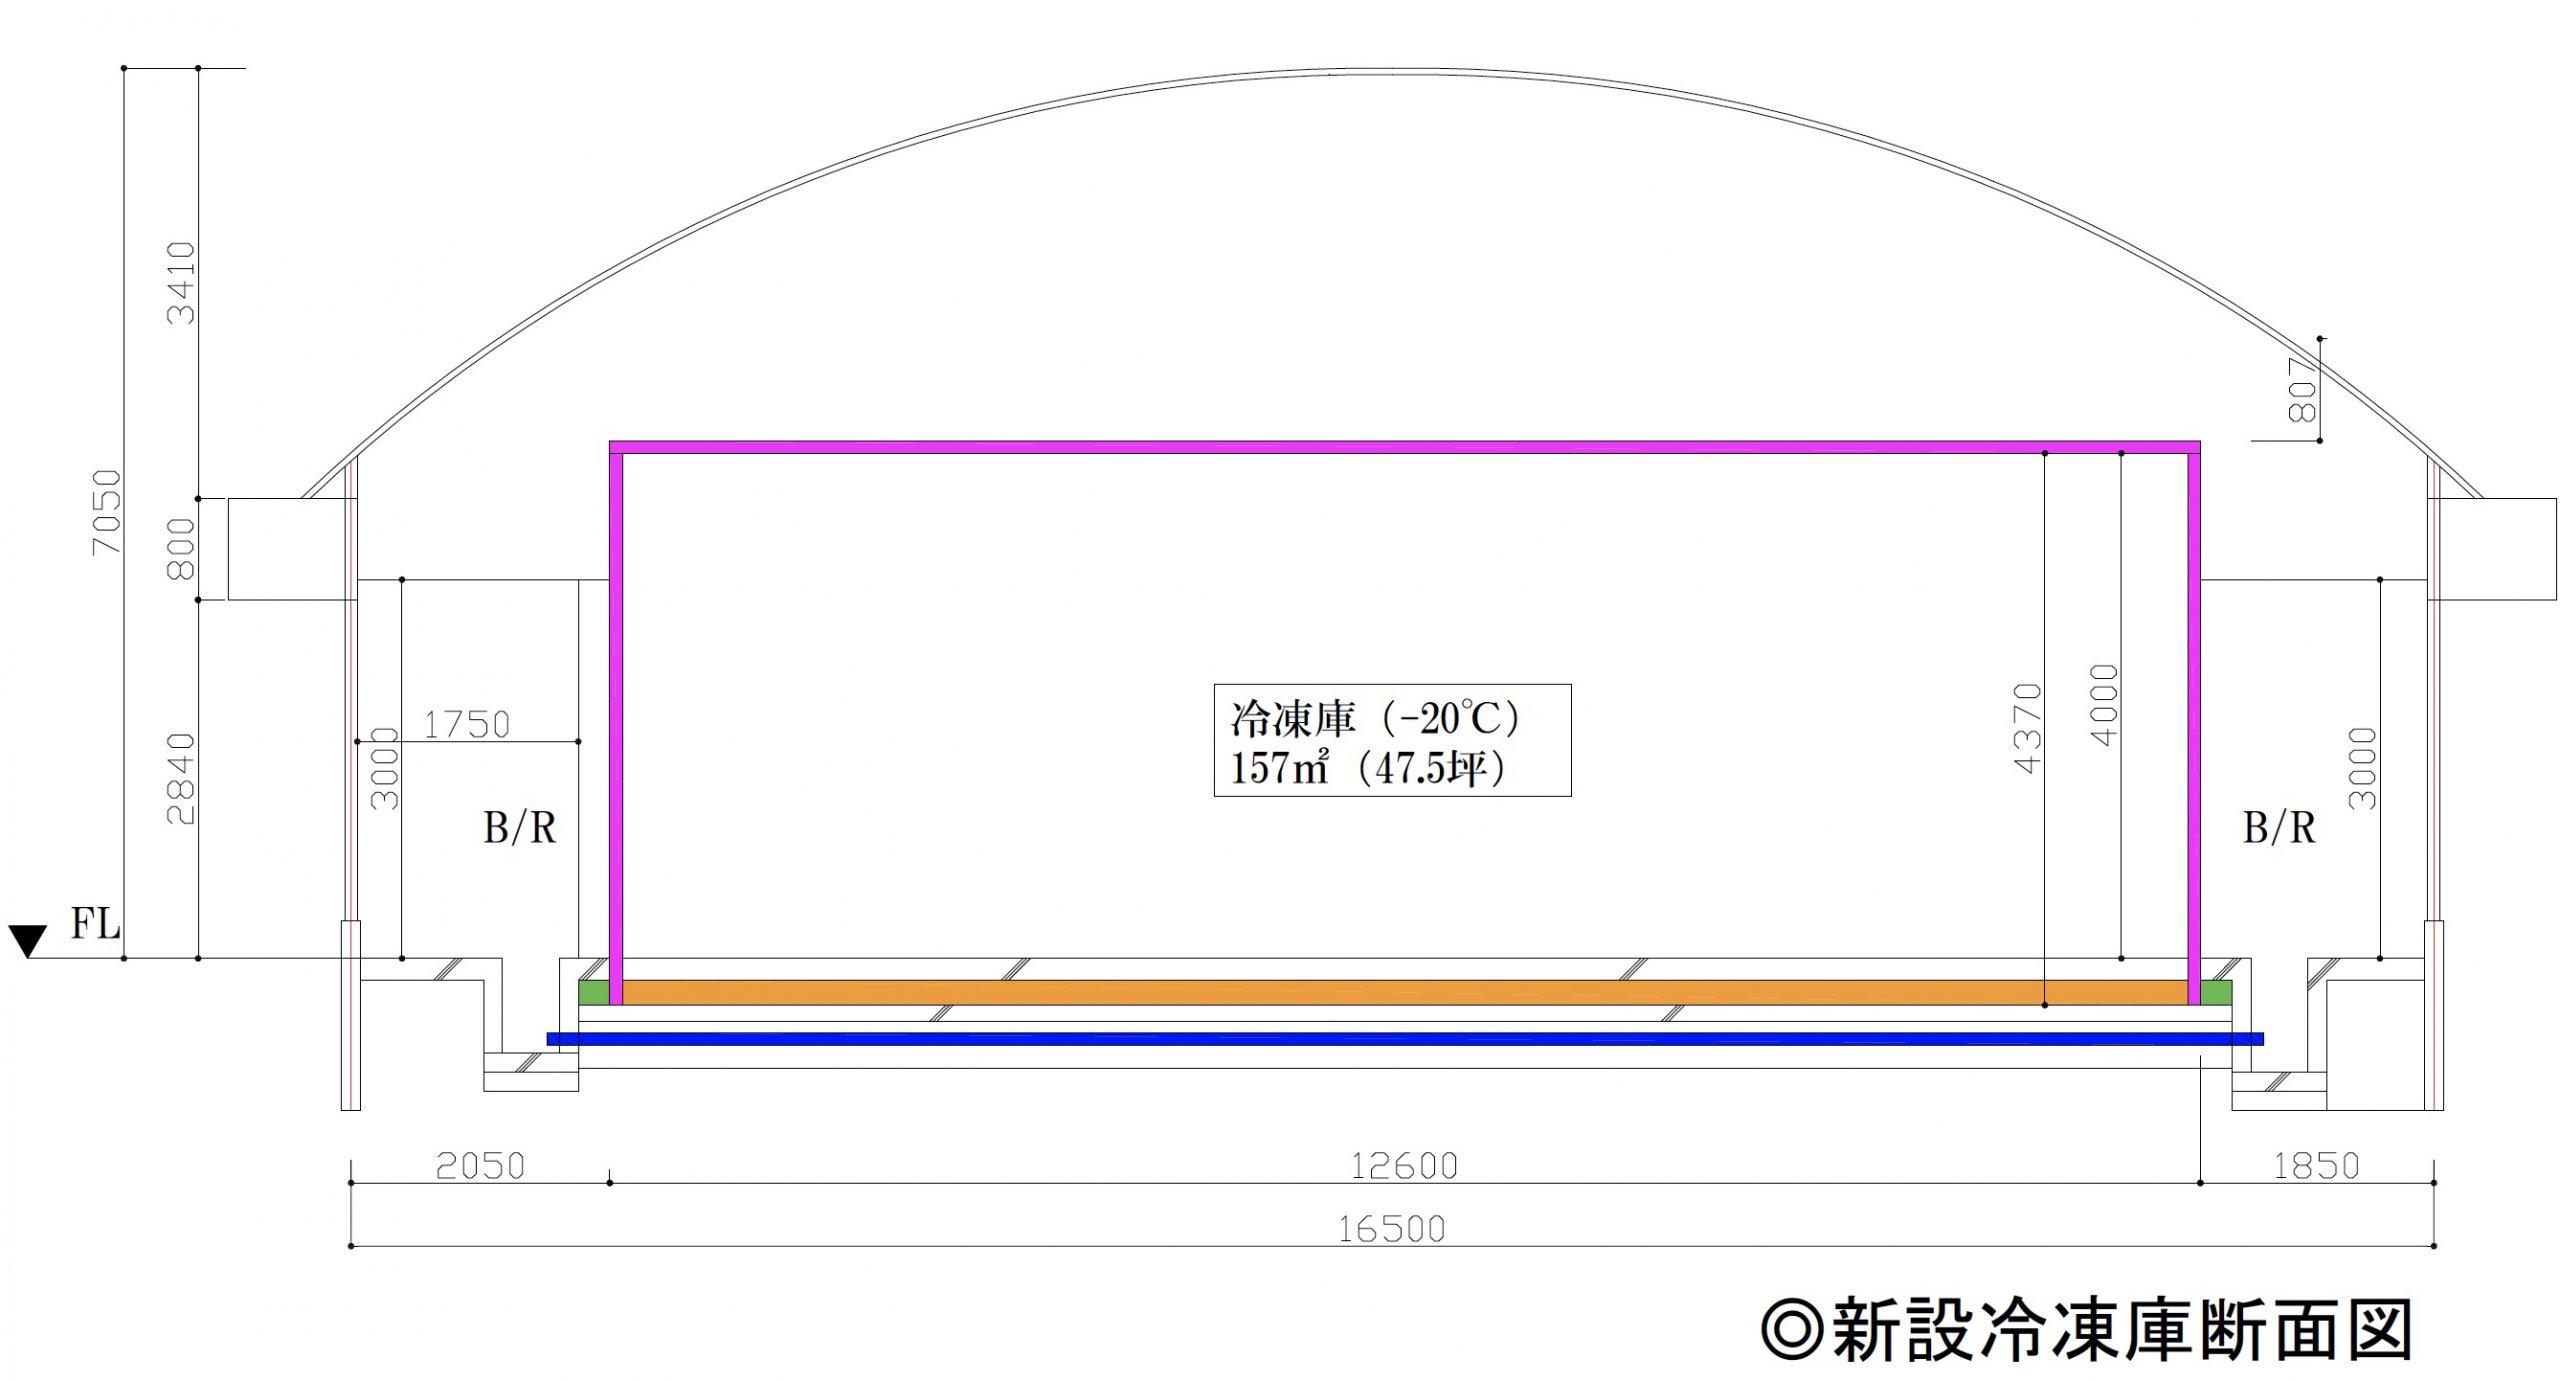 新設冷凍庫平面図